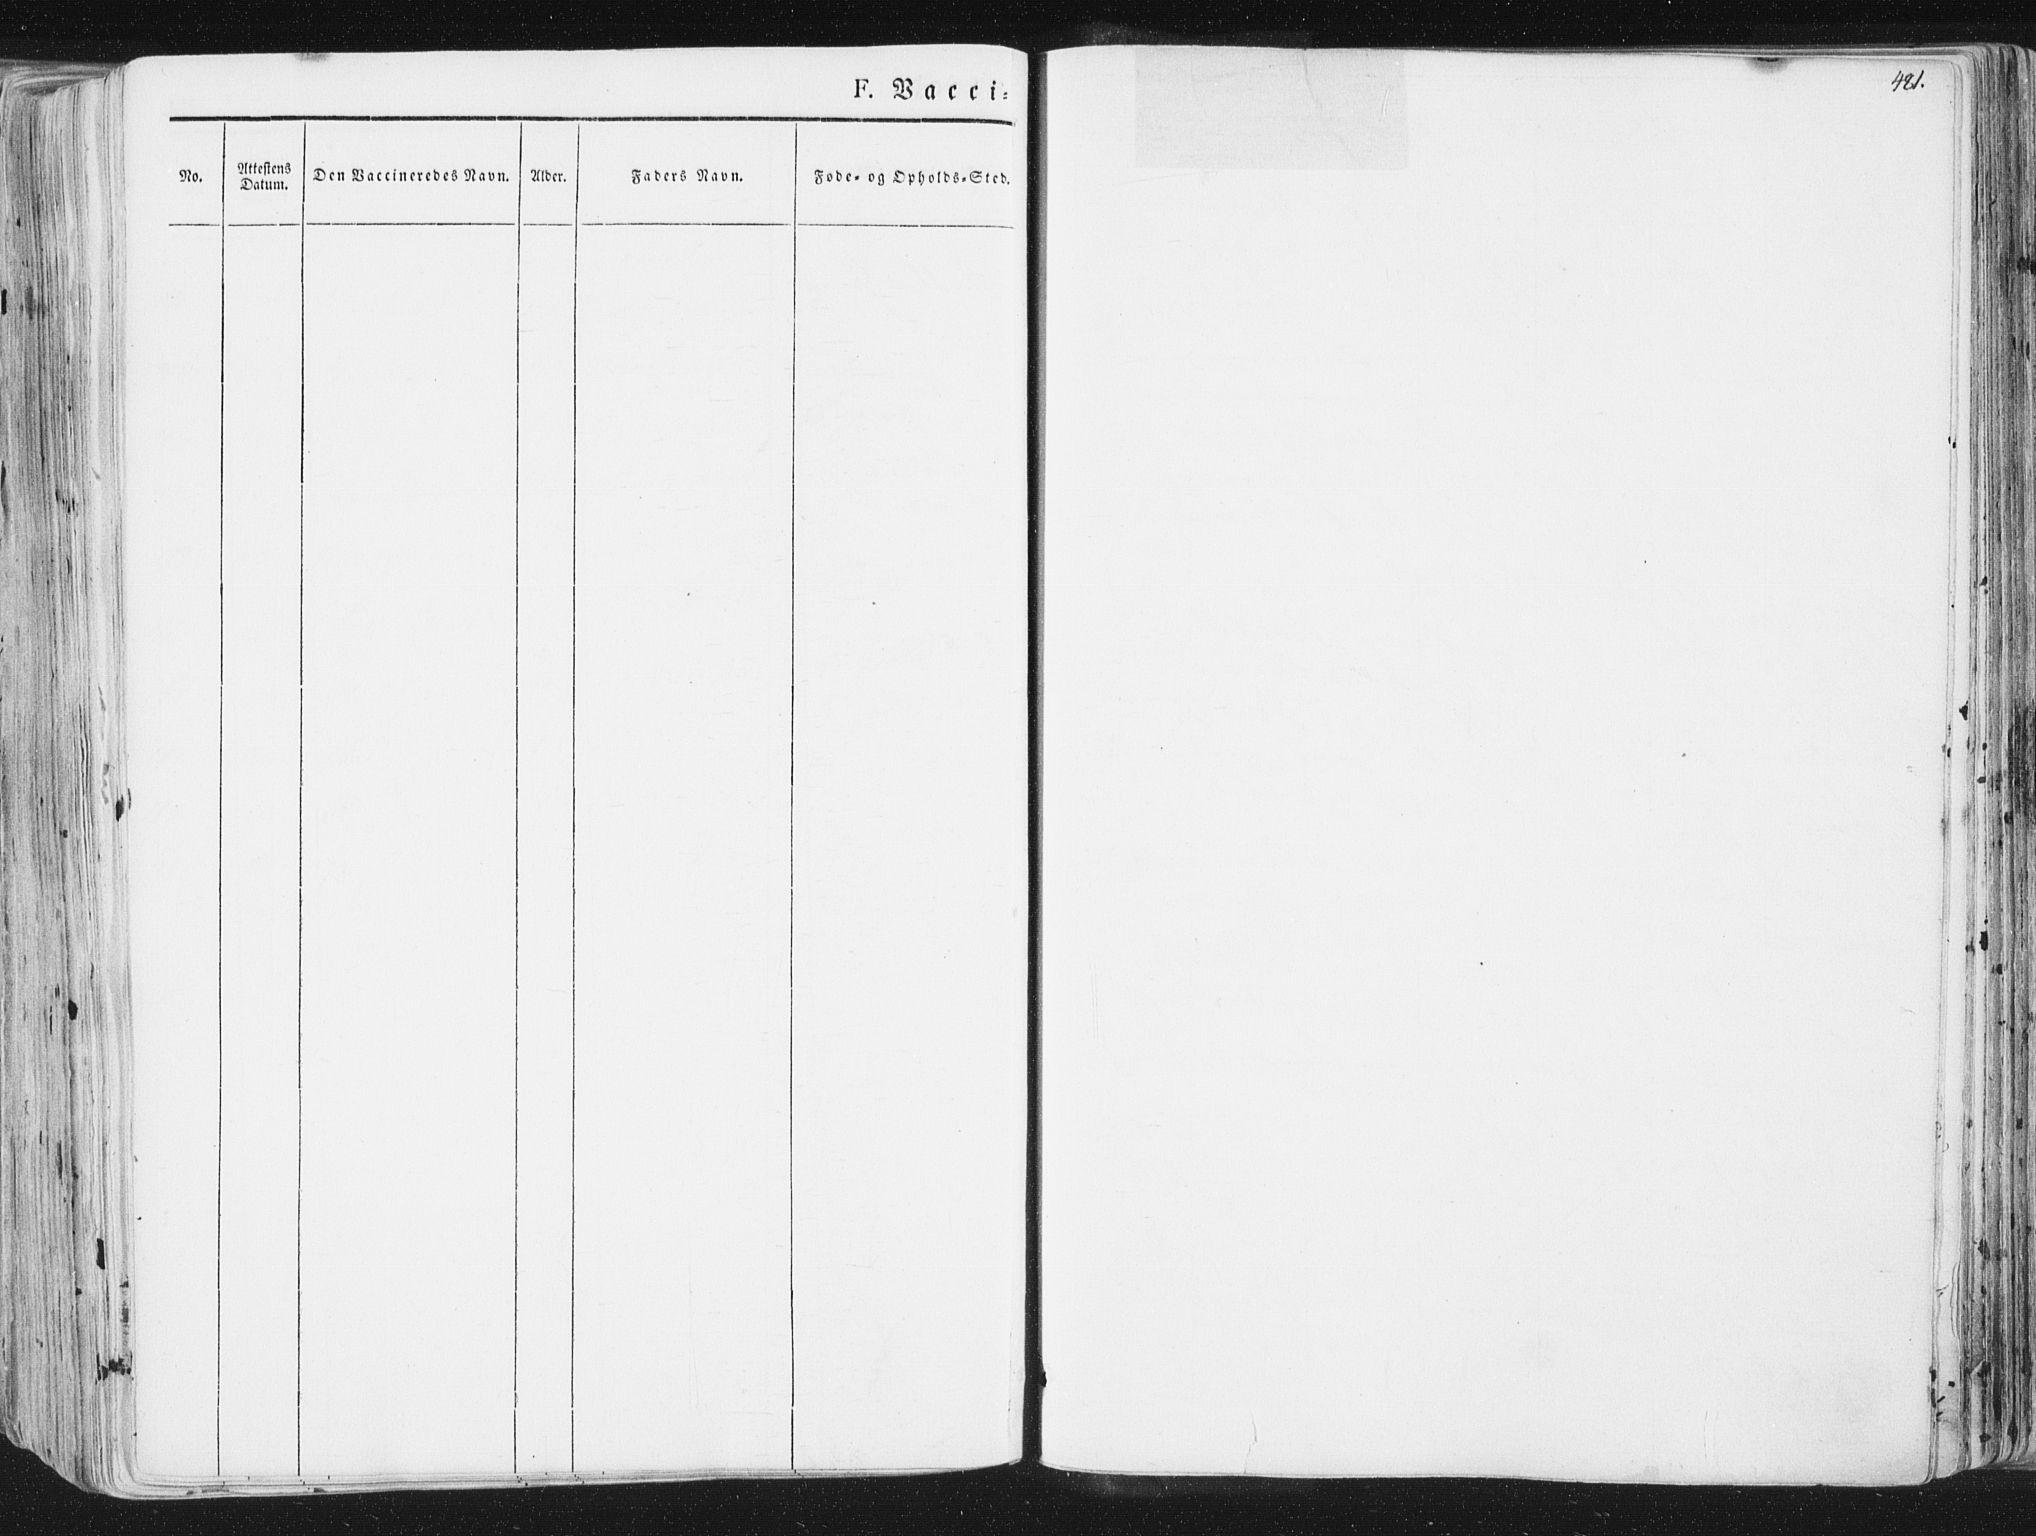 SAT, Ministerialprotokoller, klokkerbøker og fødselsregistre - Sør-Trøndelag, 691/L1074: Ministerialbok nr. 691A06, 1842-1852, s. 481